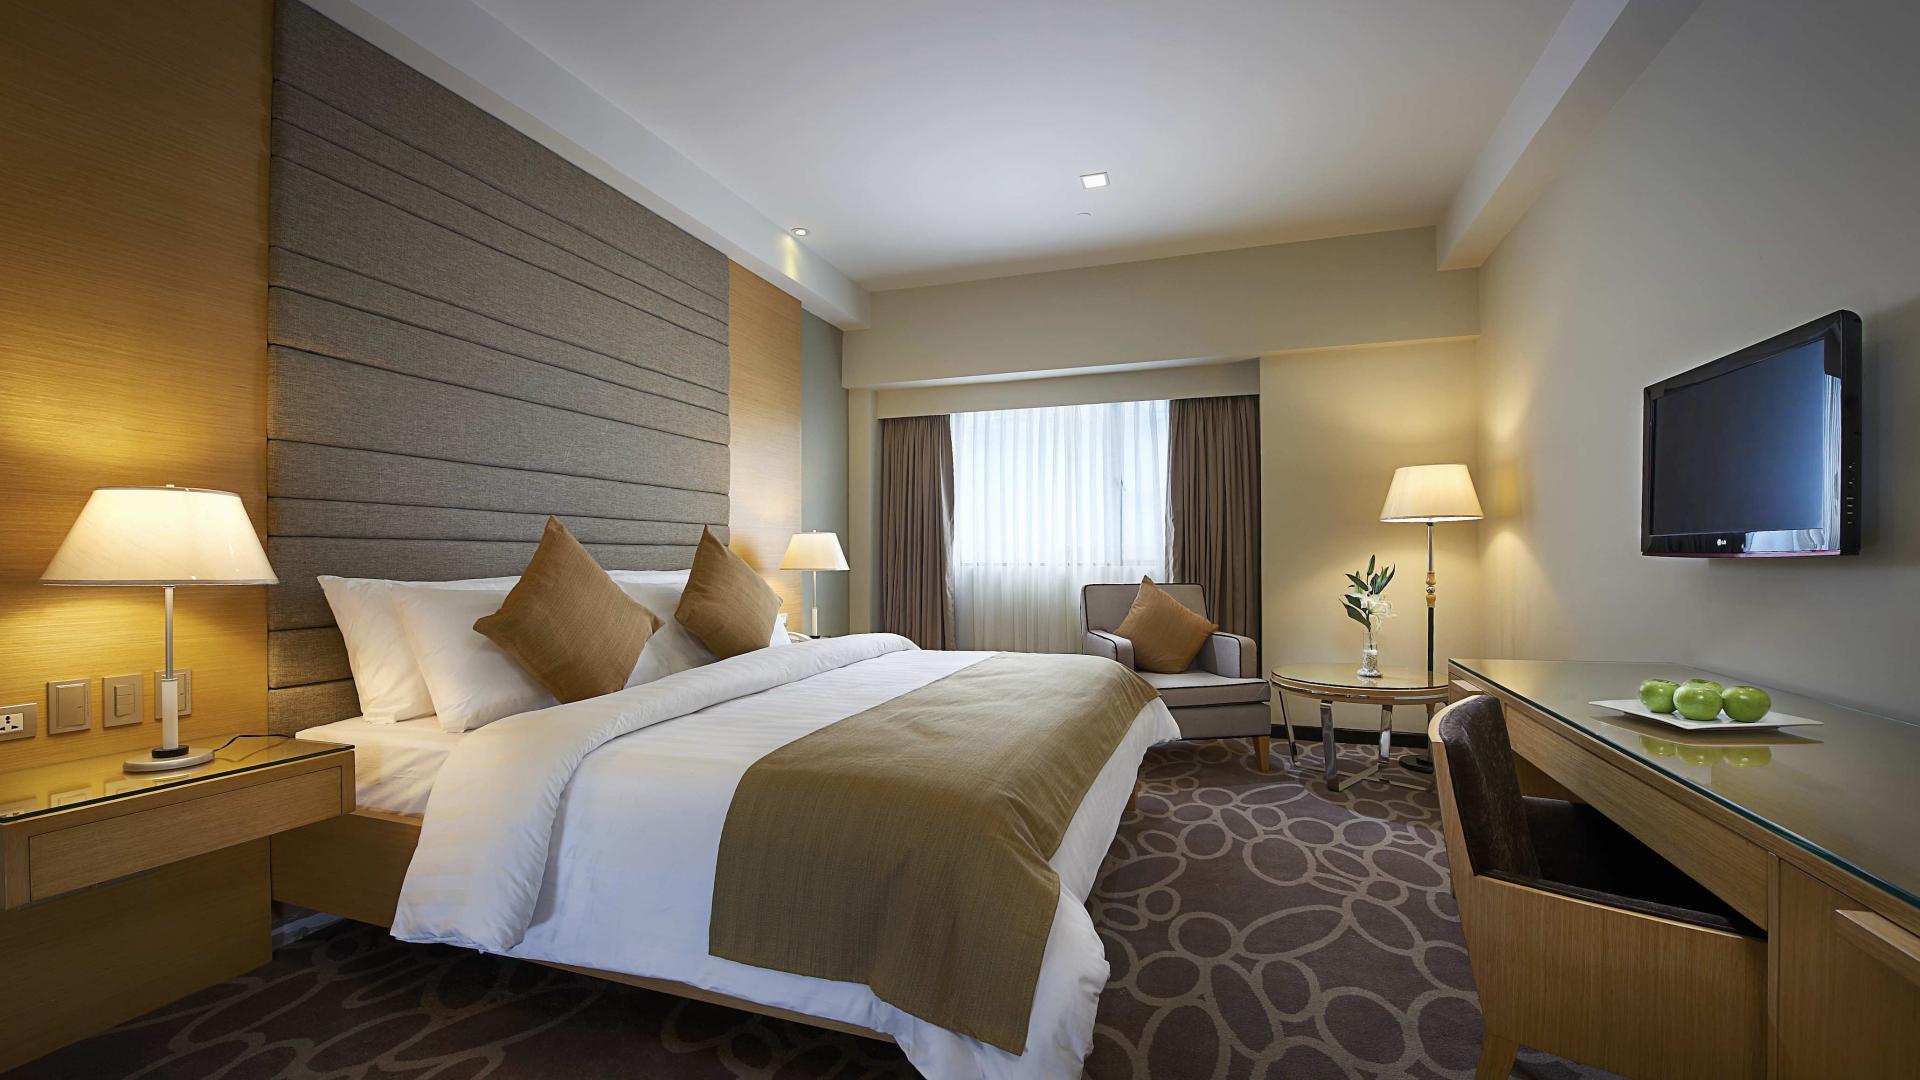 قائمة بأرخص 11 فندق في الدمام